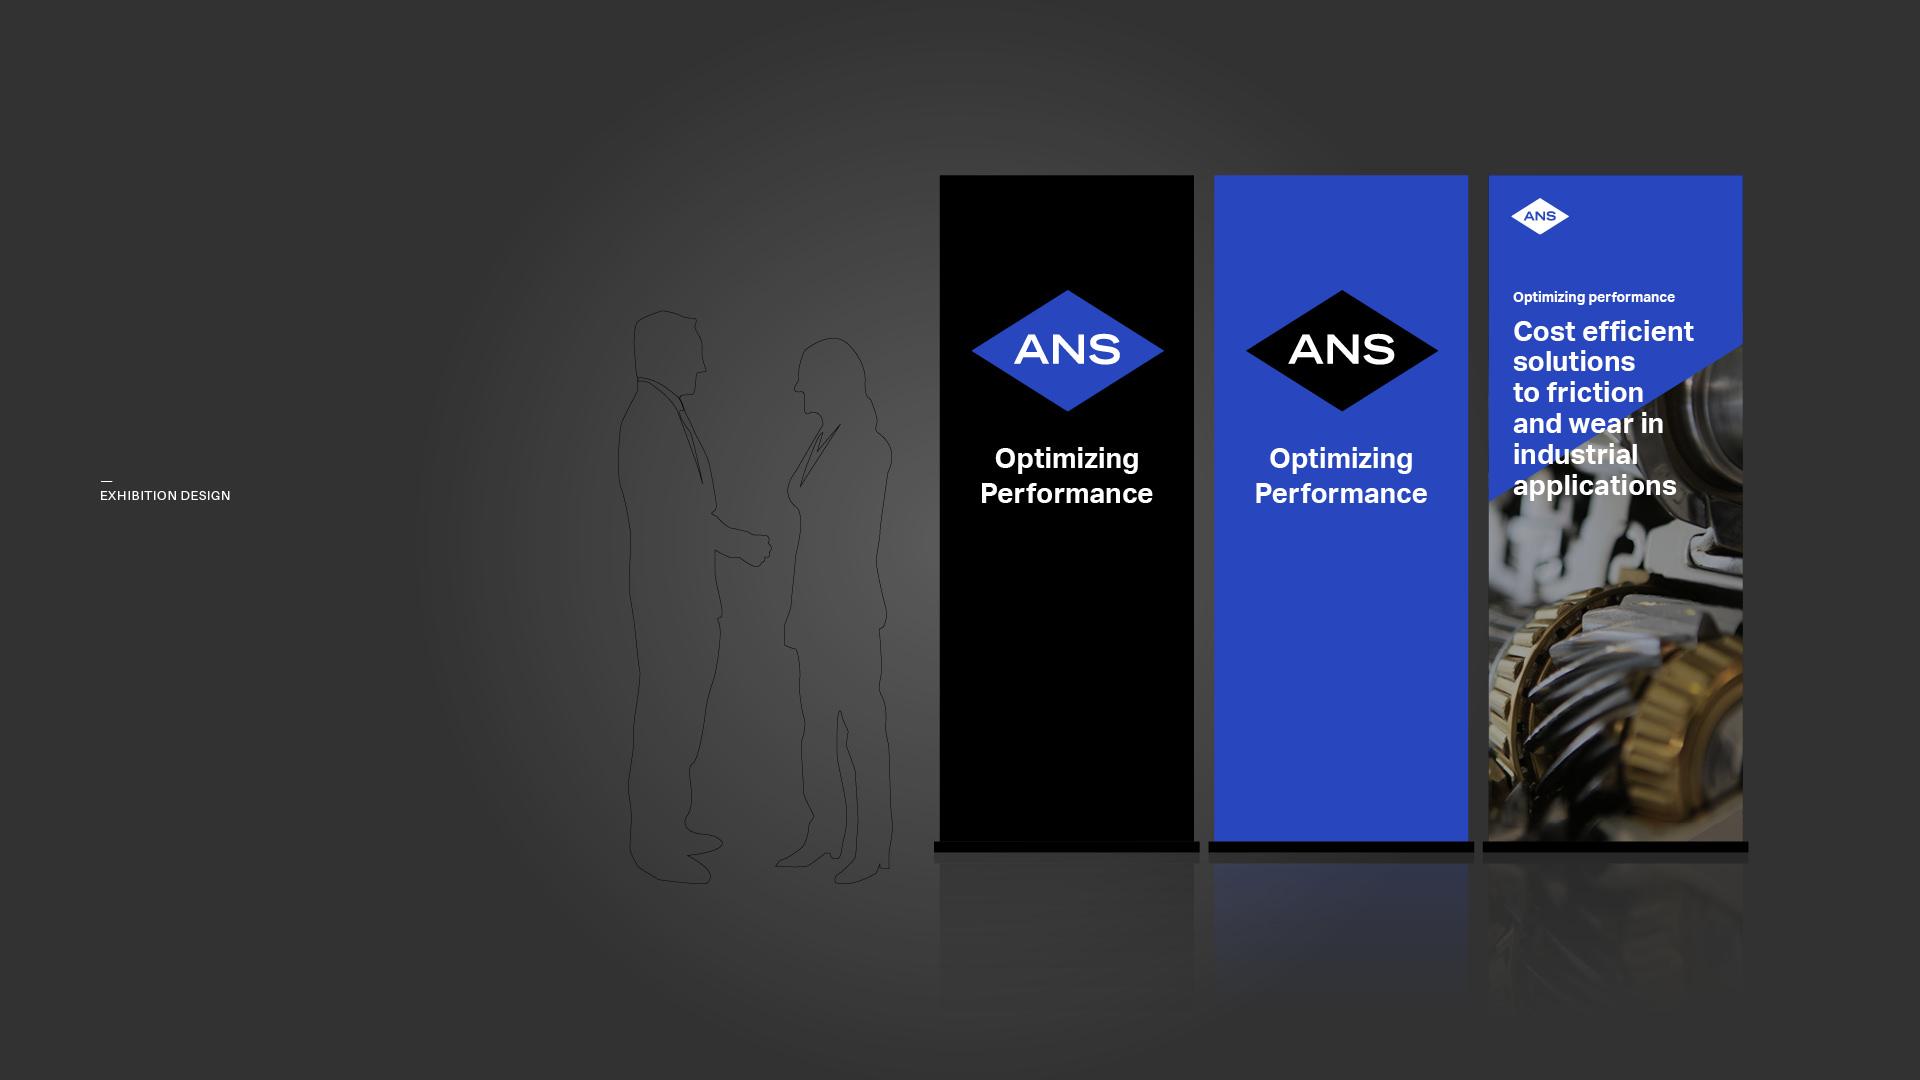 exhibition-design-ans